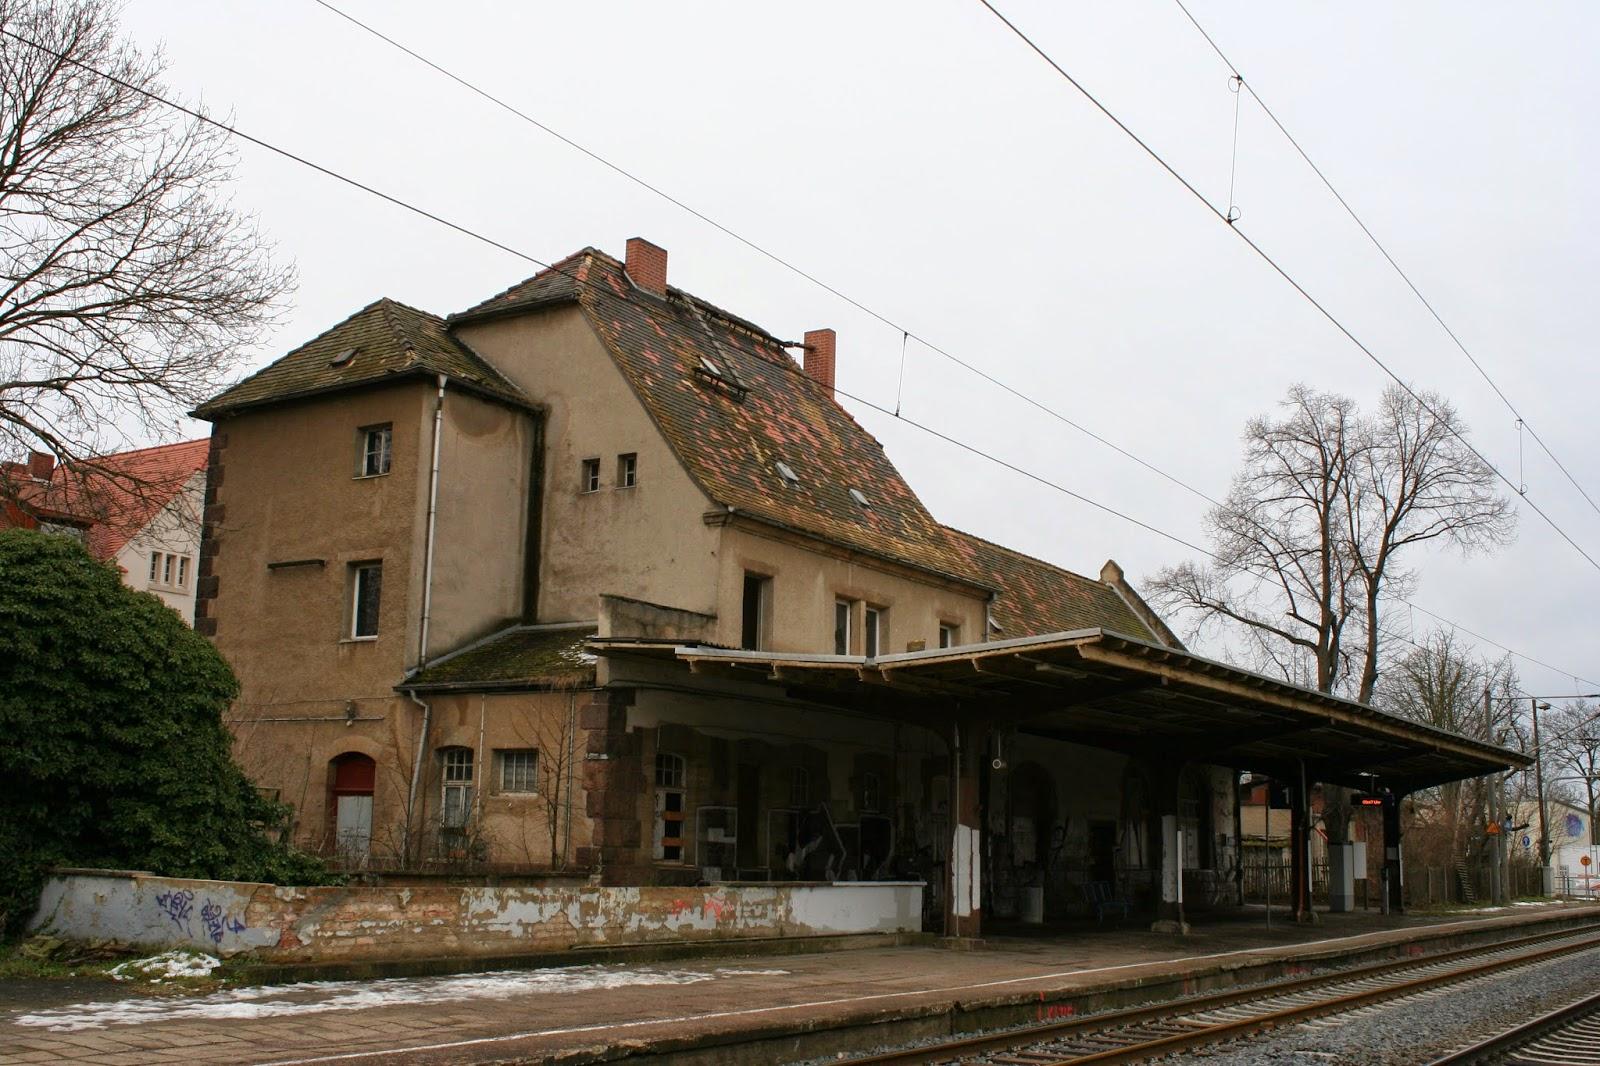 Die Wartehalle wurde gegen 1886 erbaut, das Empfangsgebäude wurde 1905 bis 1906 ergänzt